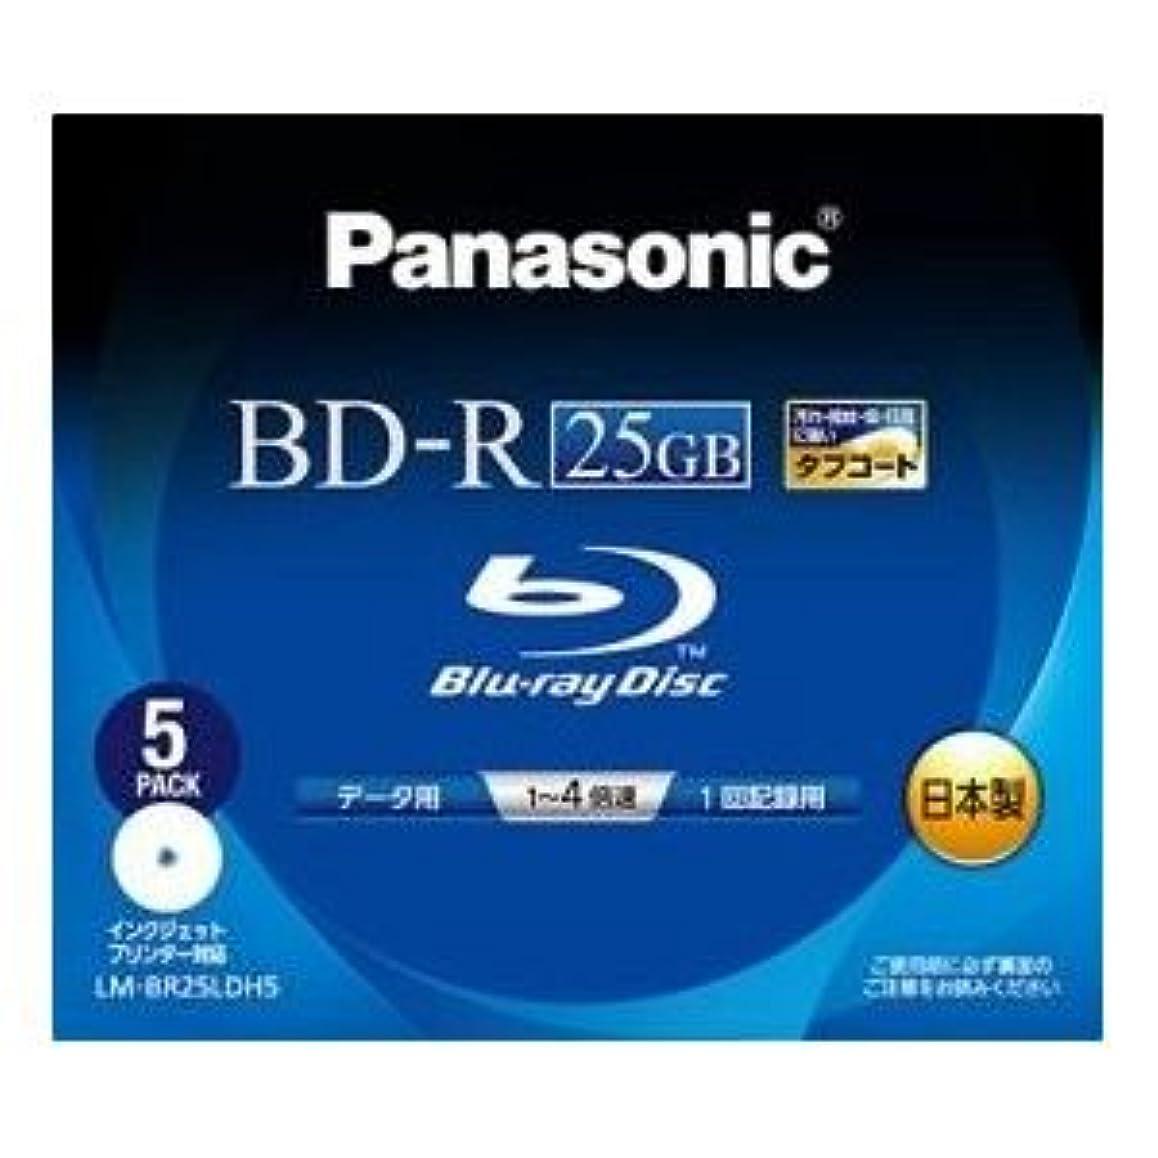 発表ウォルターカニンガムデマンドソニー SONY ビデオ用ブルーレイディスク (3枚パック) 3BNR4VAPS4 / 日本製 / 4層 / BD-R / 4倍速対応